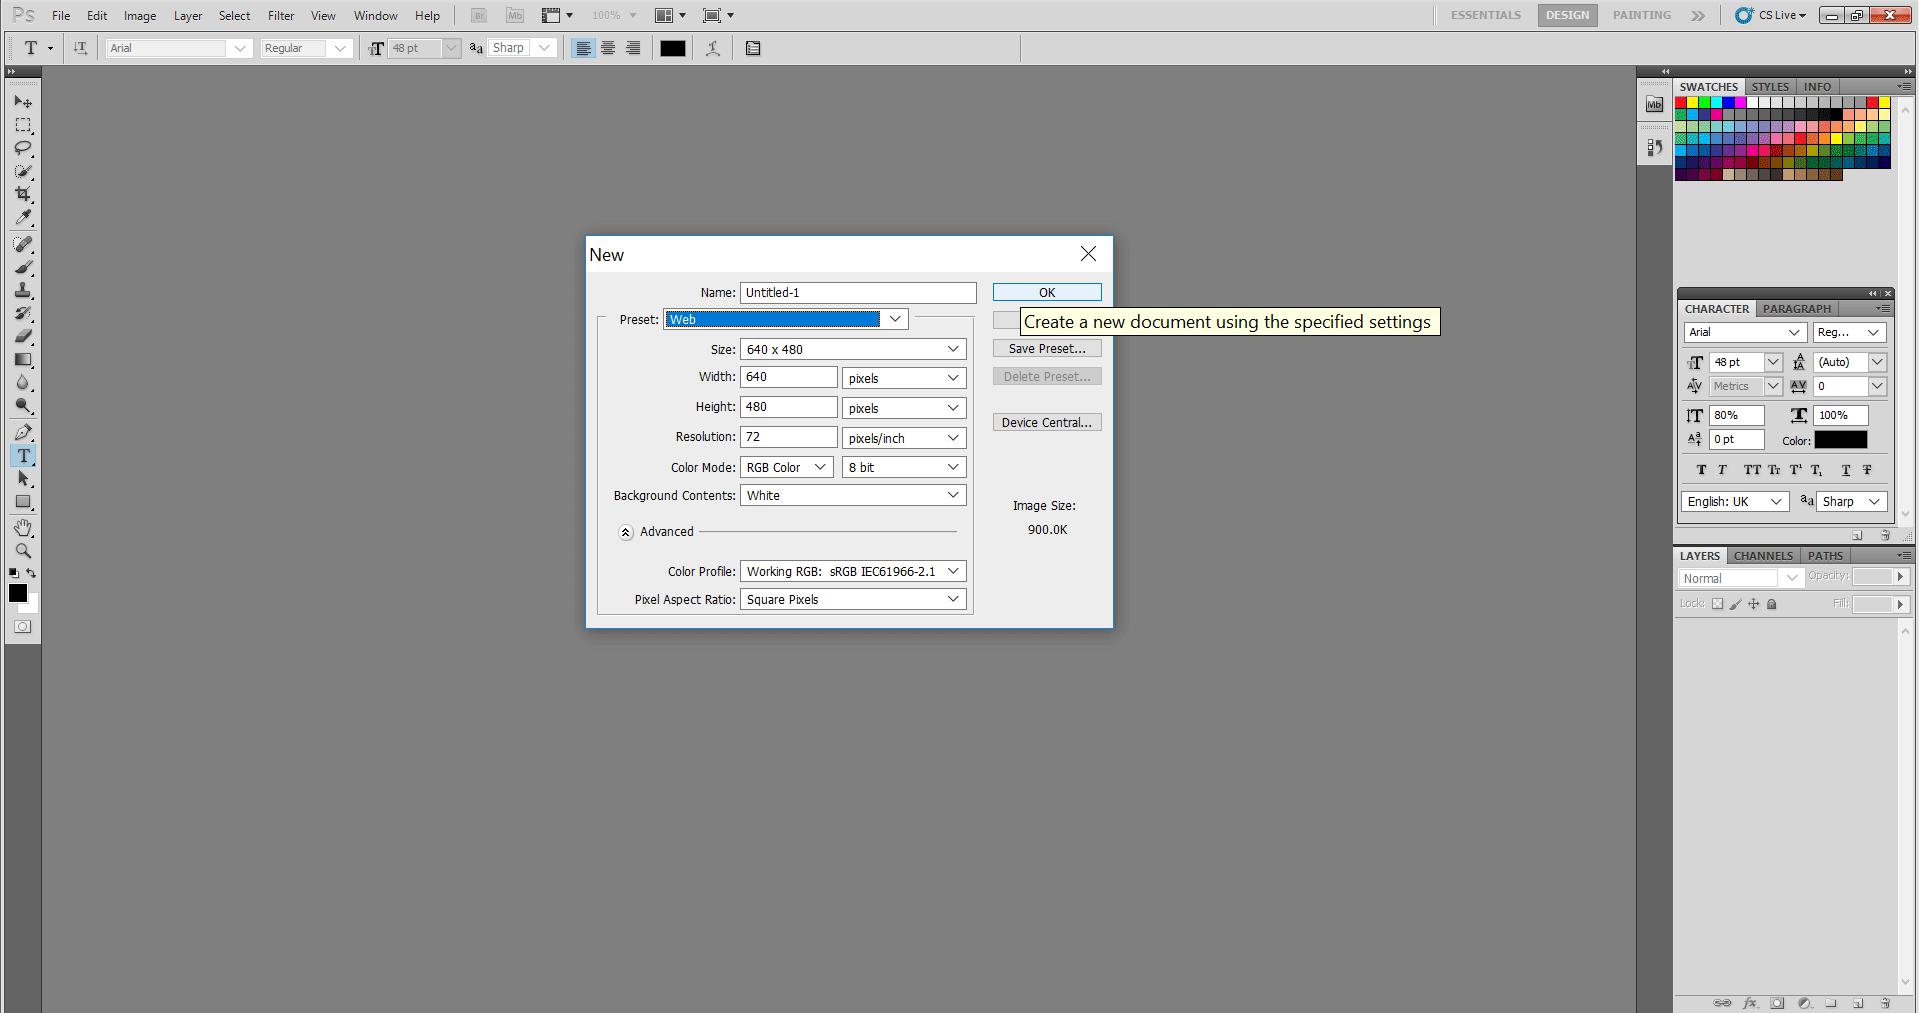 Adding Mood Sticker in Photoshop 2